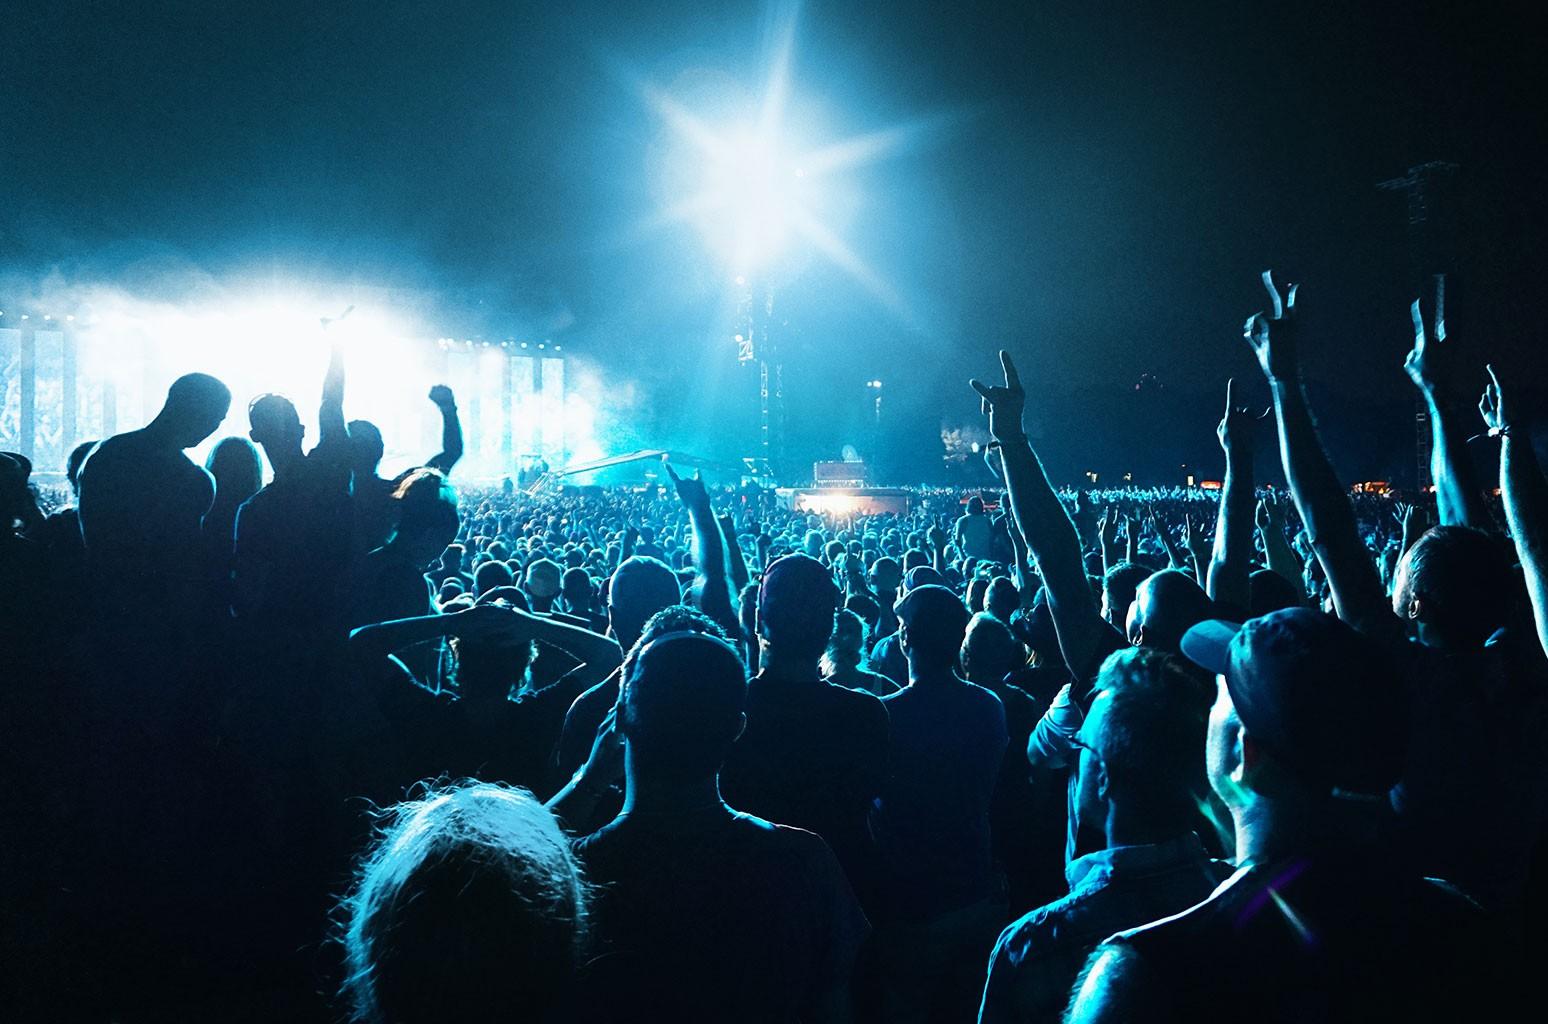 Concert Audience Crowd Atmosphere